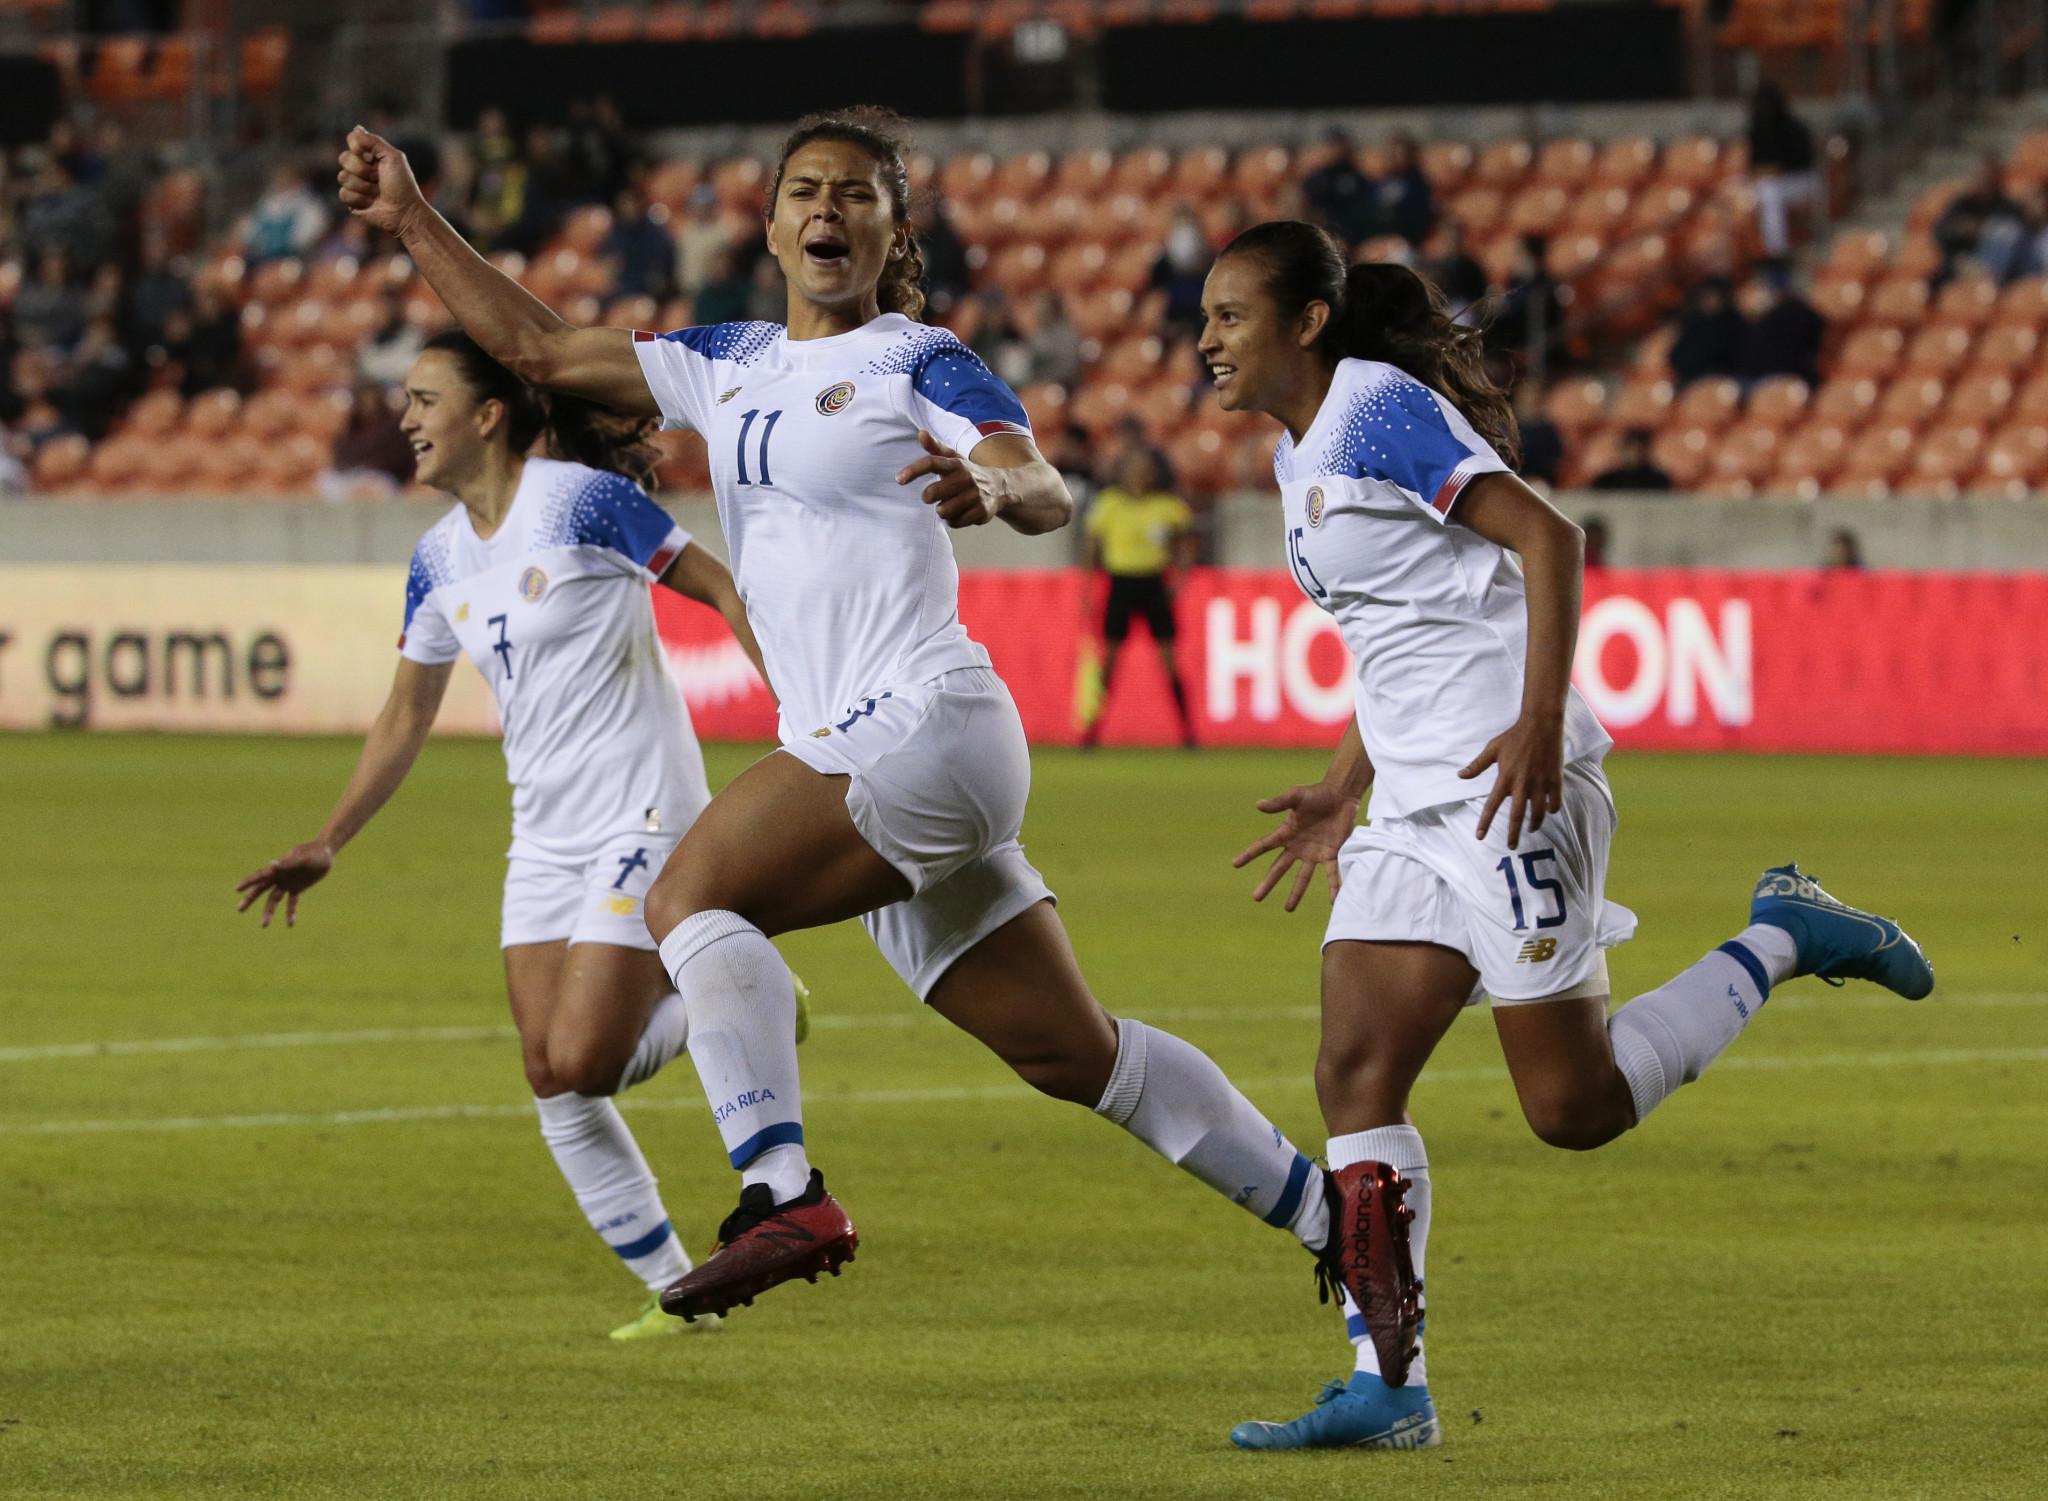 La CONCRC supervisa los deportes olímpicos y no olímpicos en Costa Rica, incluido el fútbol © Getty Images